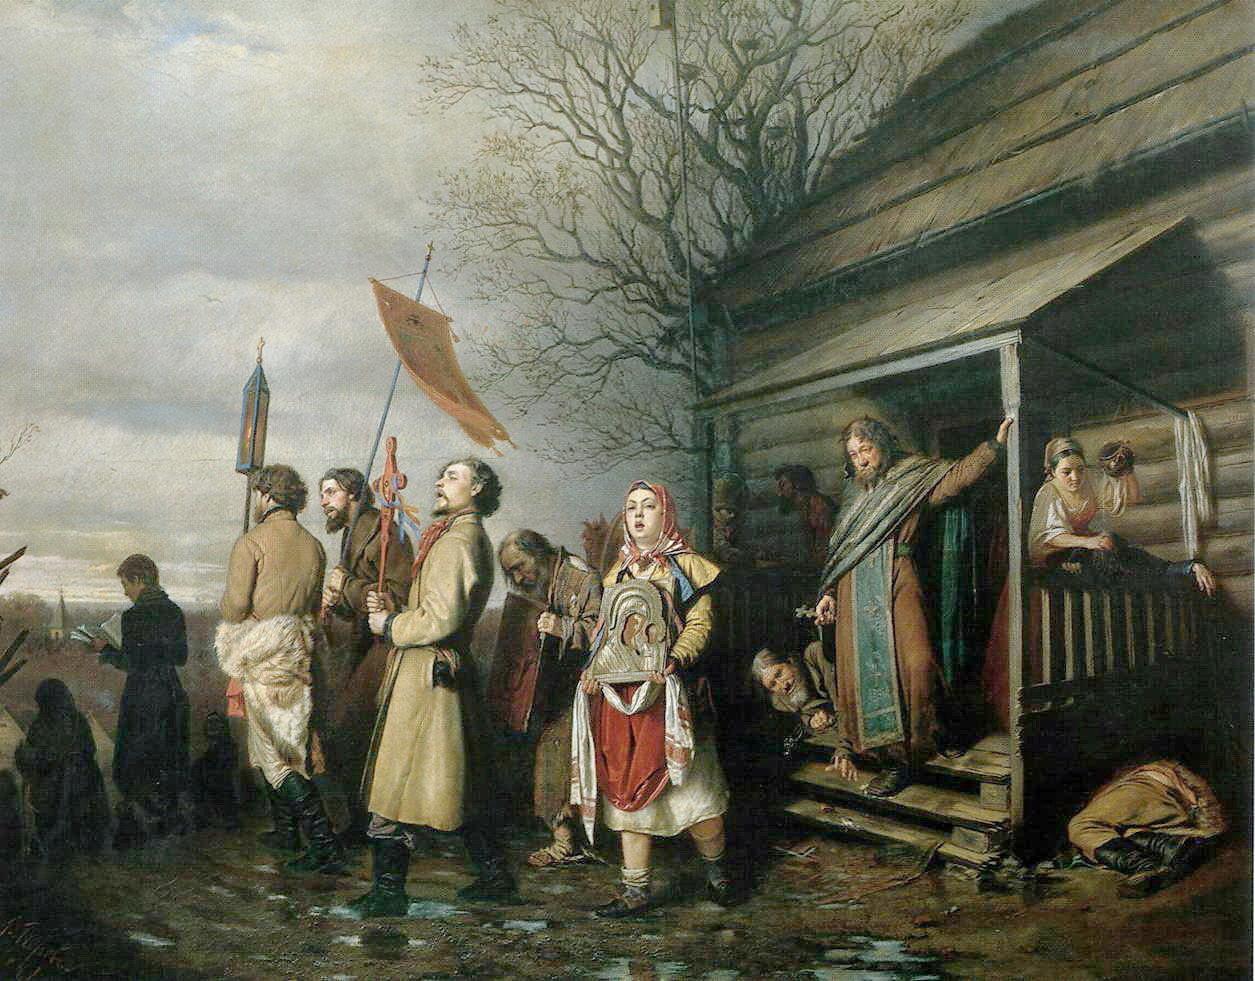 Сельский быт на Руси в картинах  Перова В.Г.  (1834 — 1882 гг.)